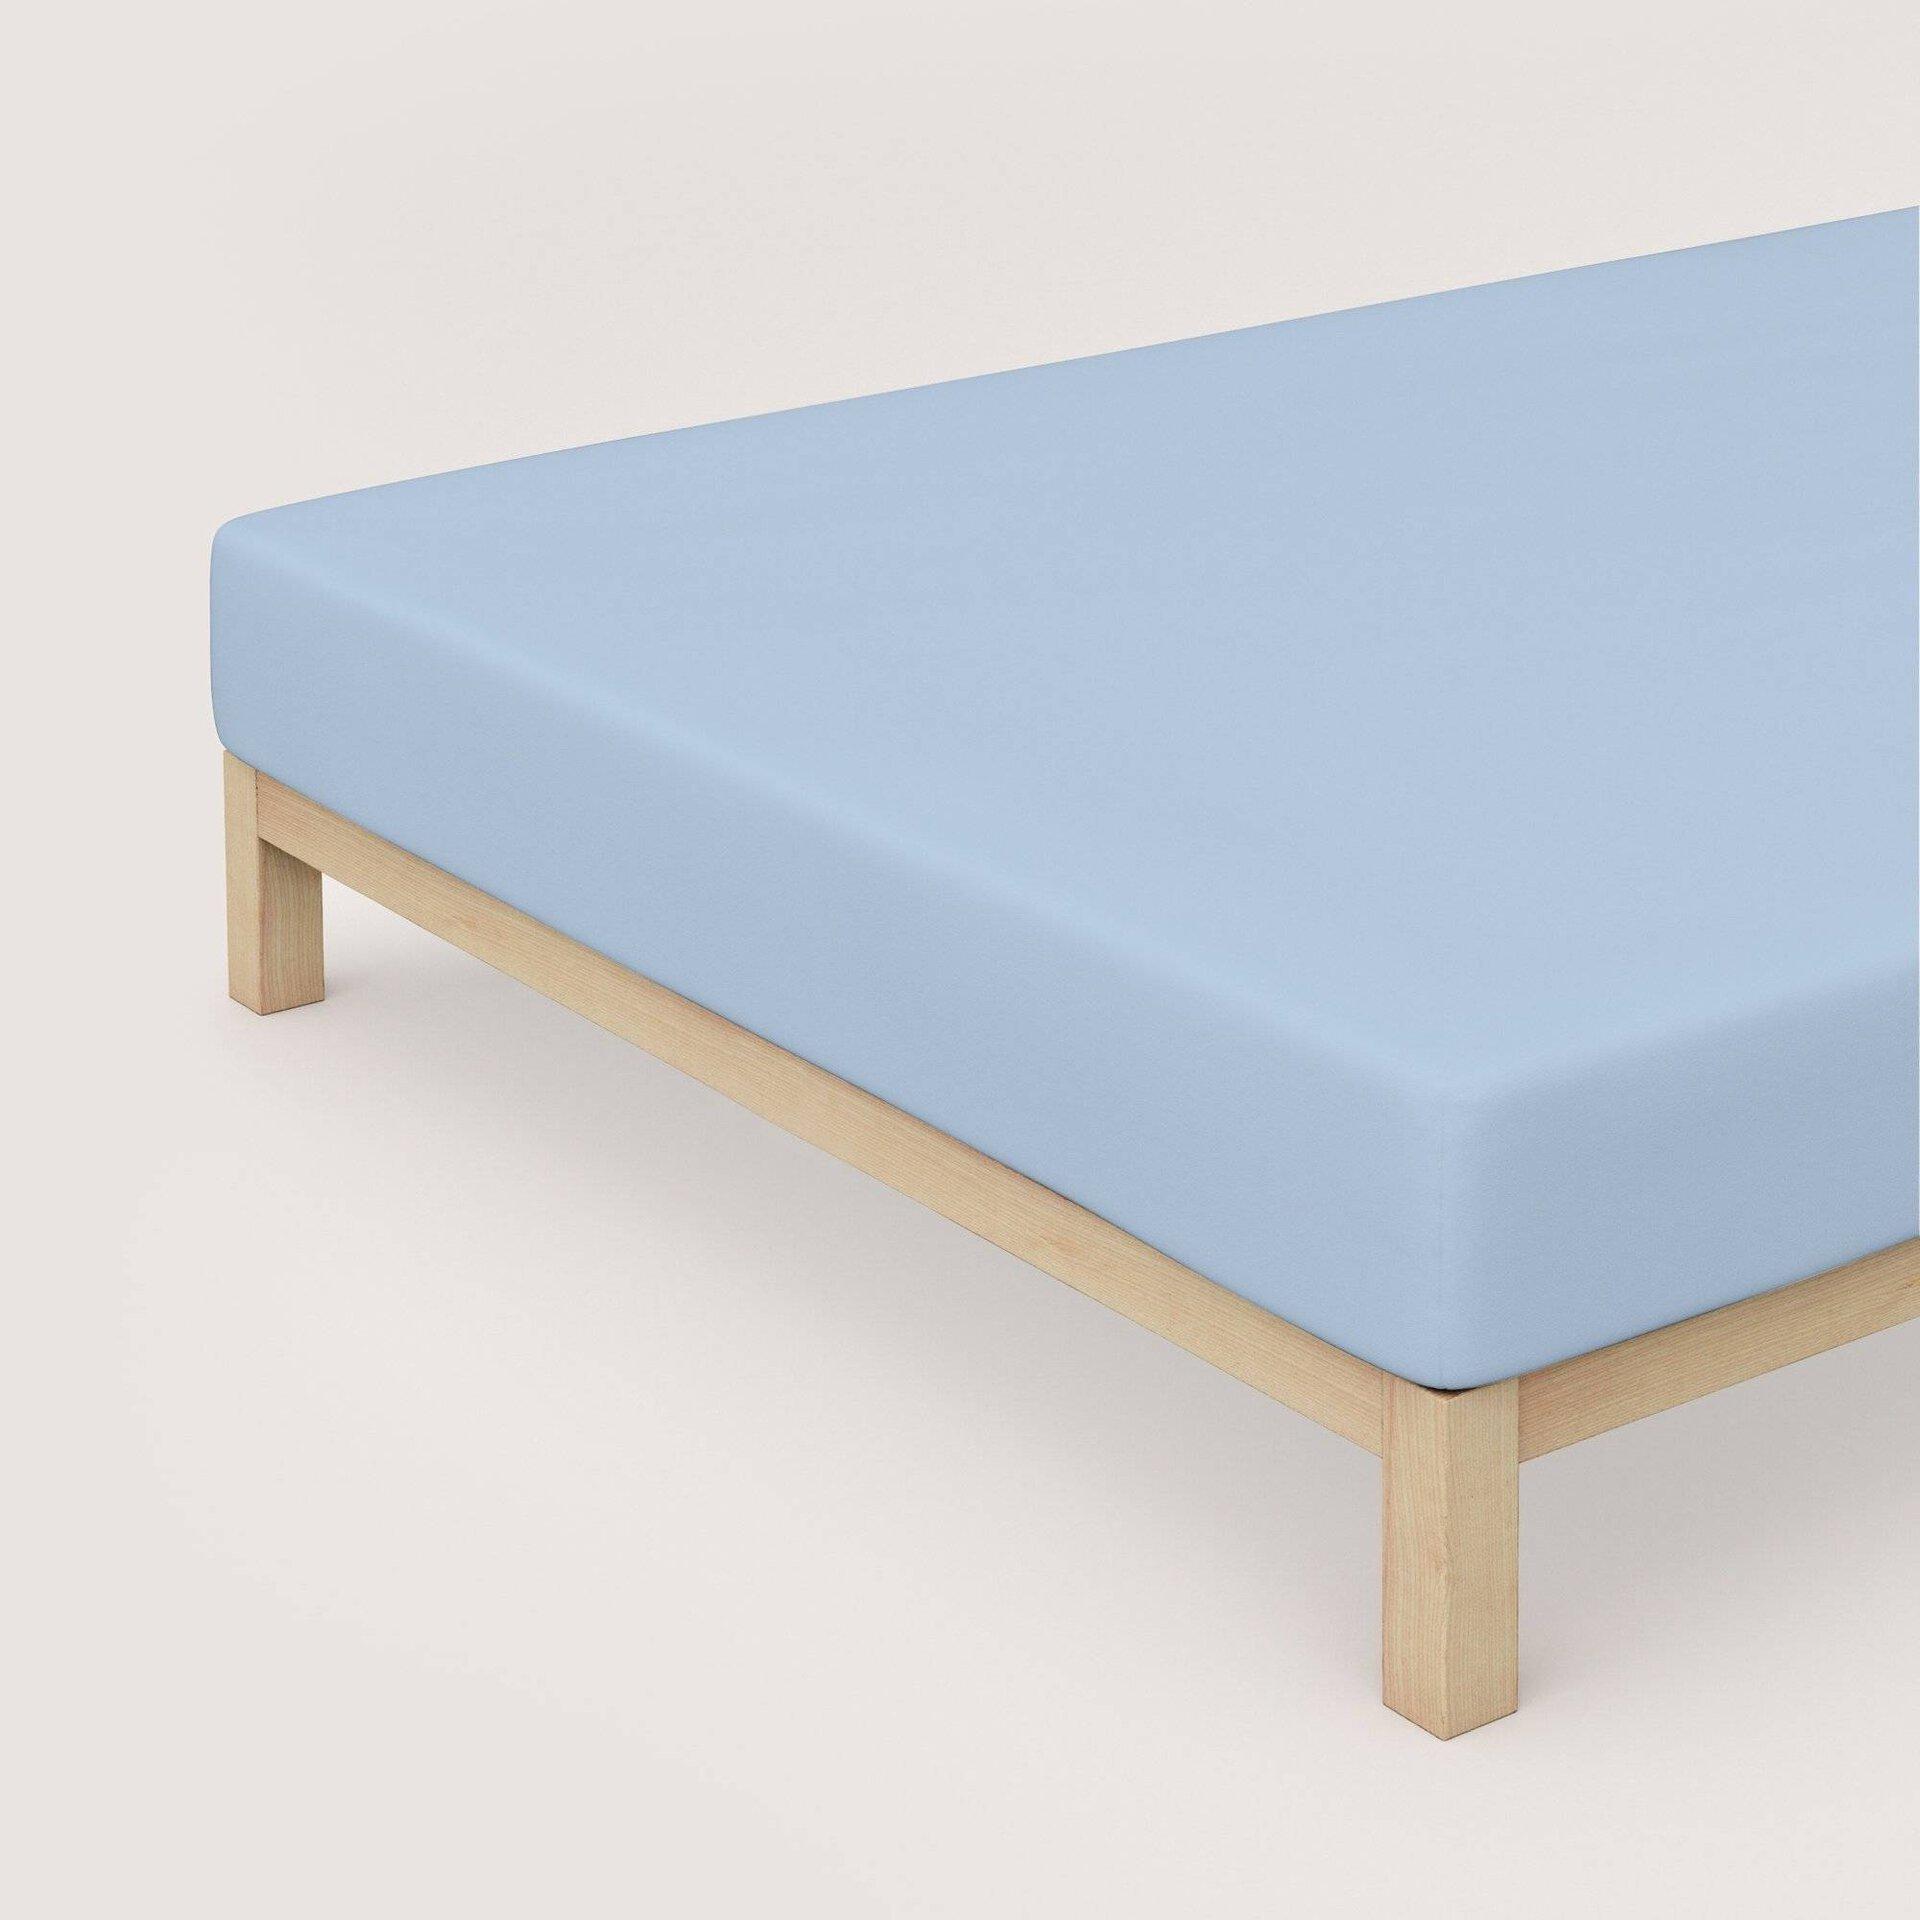 Jersey-Spannbetttuch Schlafgut Textil Blau 120 x 200 cm